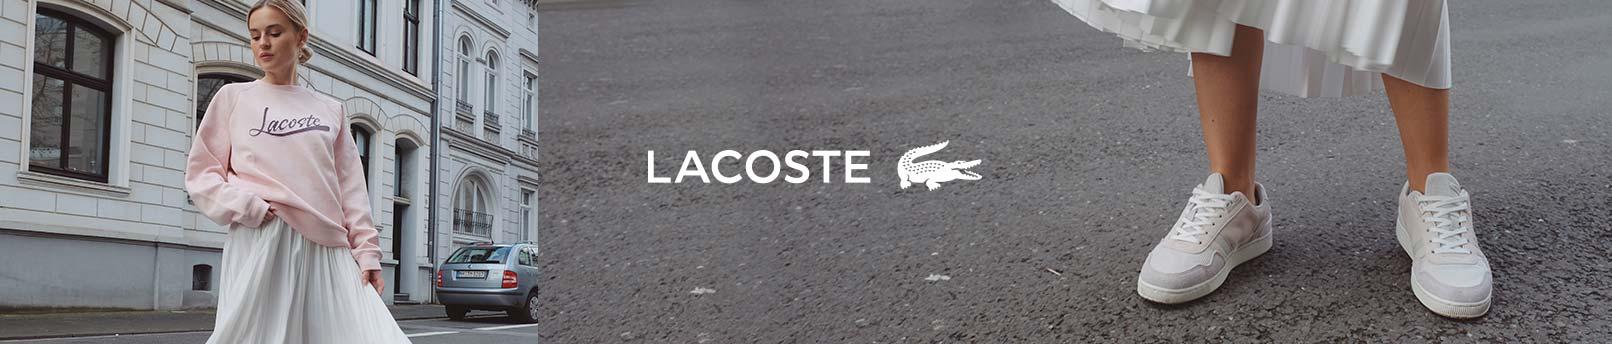 Shoppa Lacoste